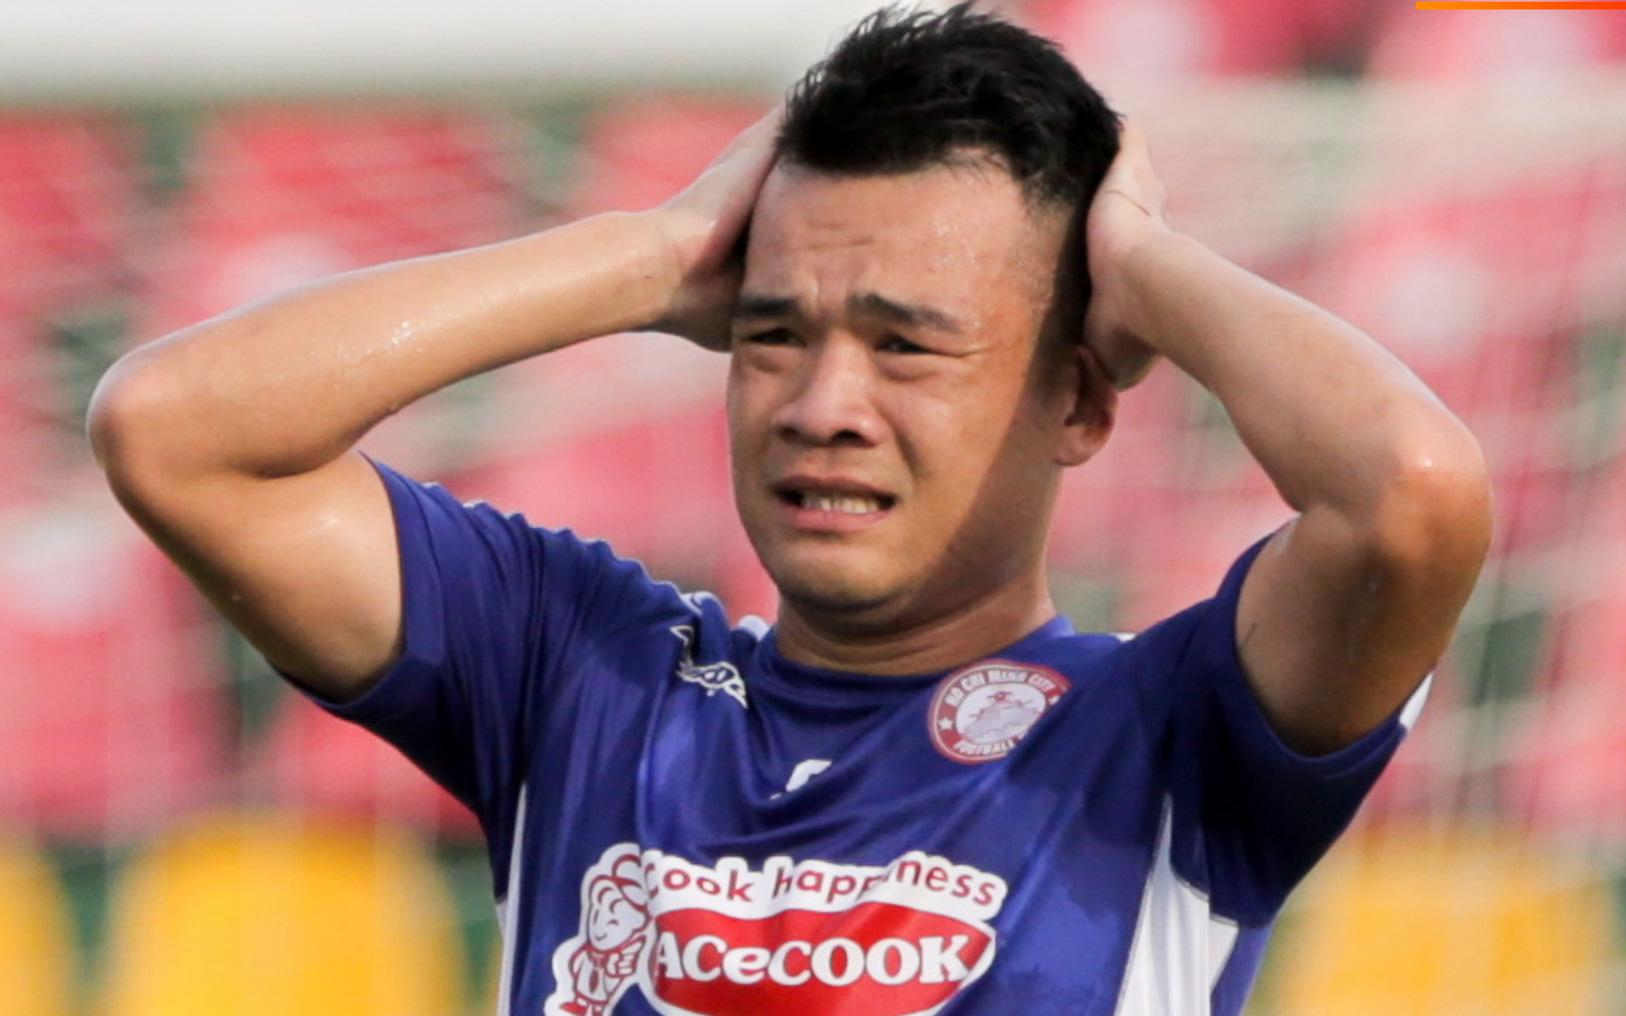 """Những lần cầu thủ Việt Nam gặp chuyện dở khóc dở cười, """"hớ nặng"""" vì ngỡ được lên ĐTQG"""